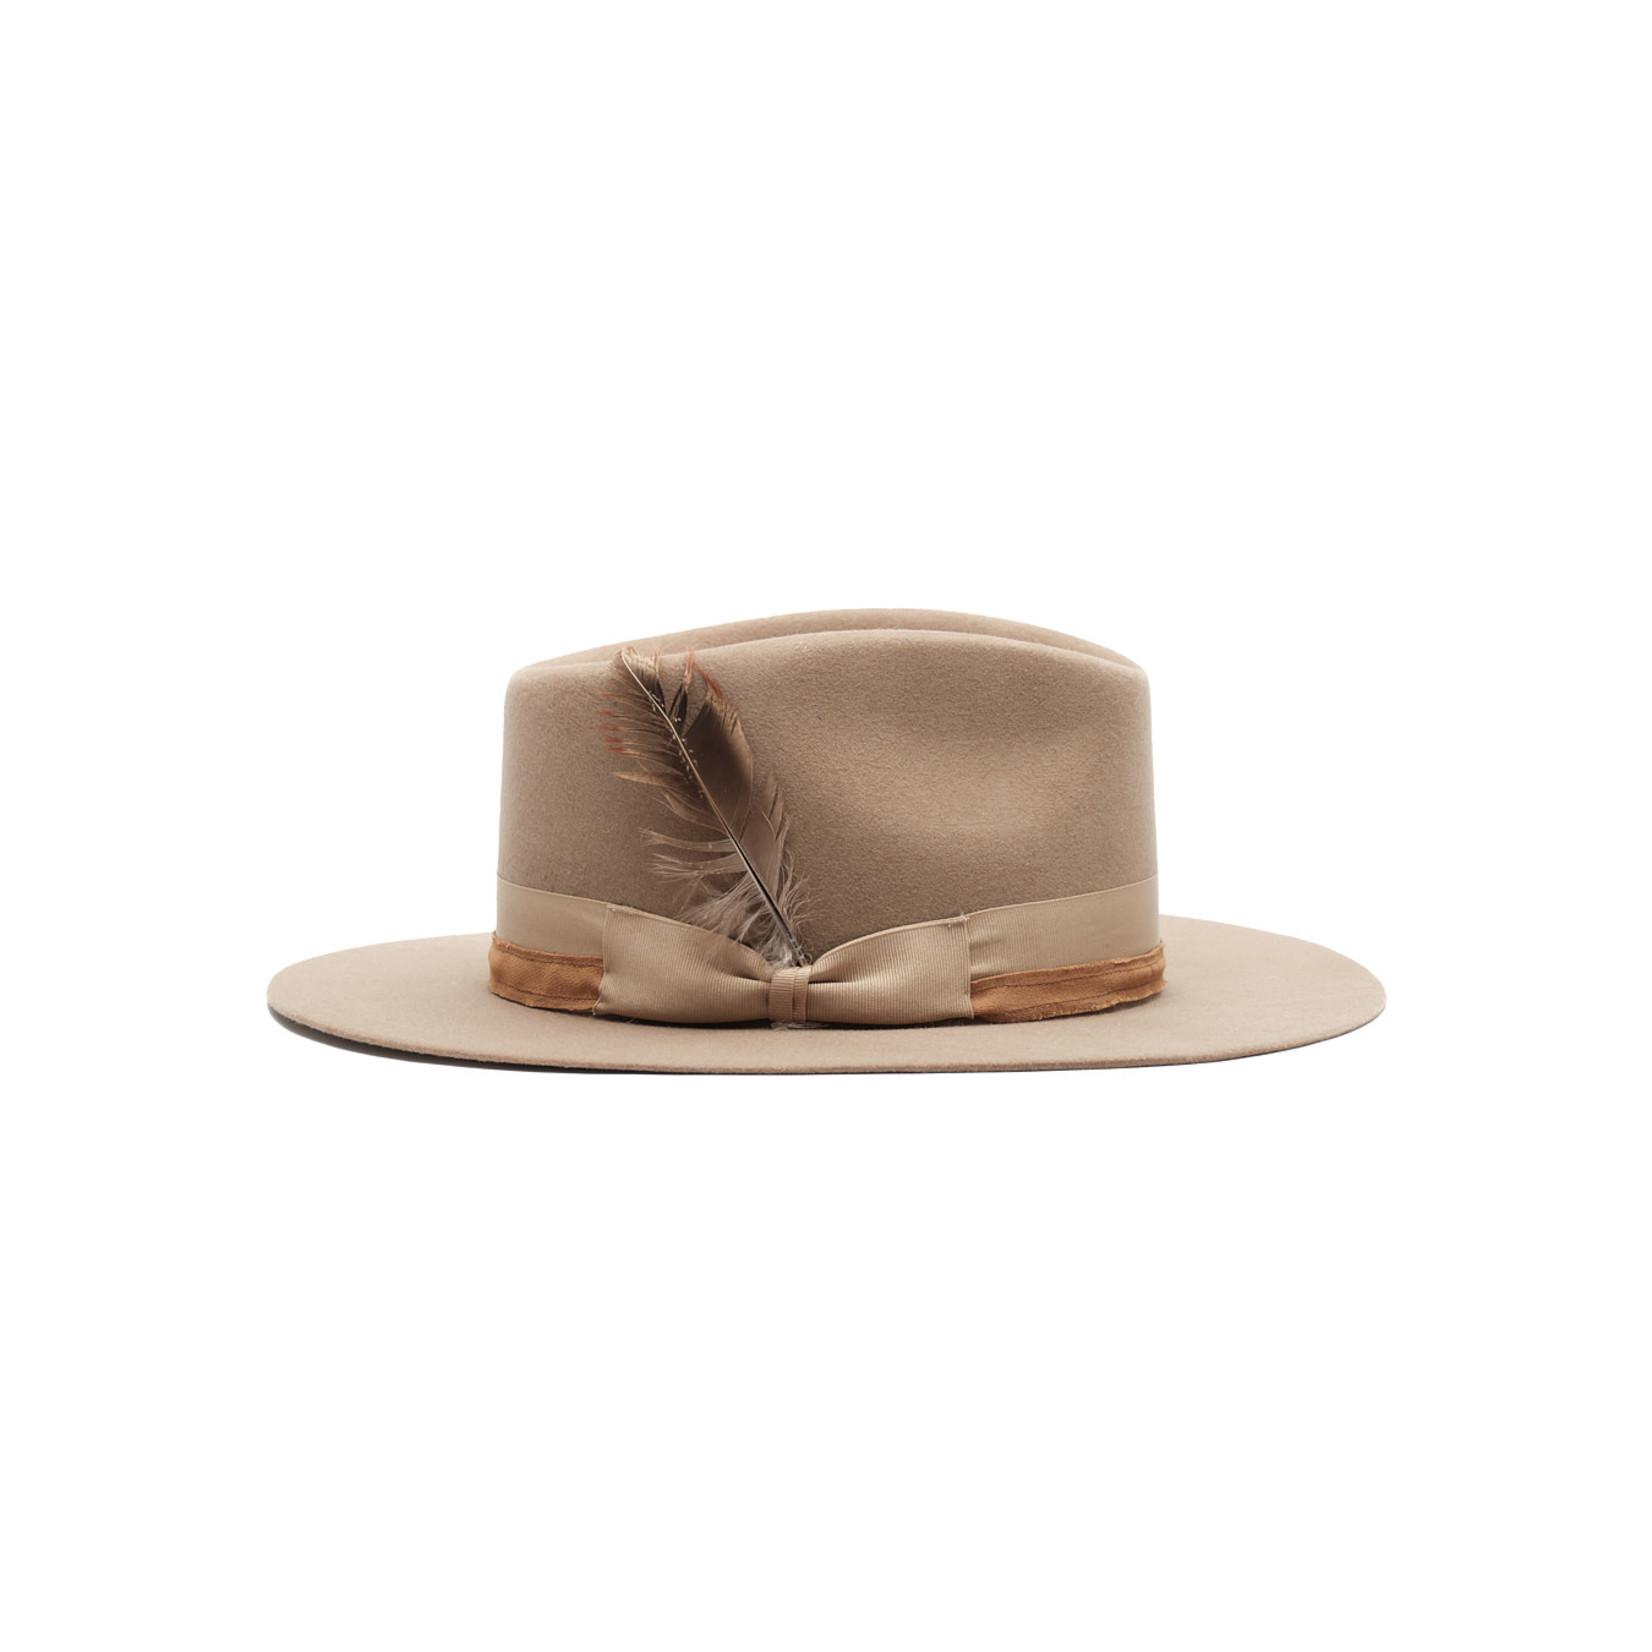 Modern Monarchie Philip Hat